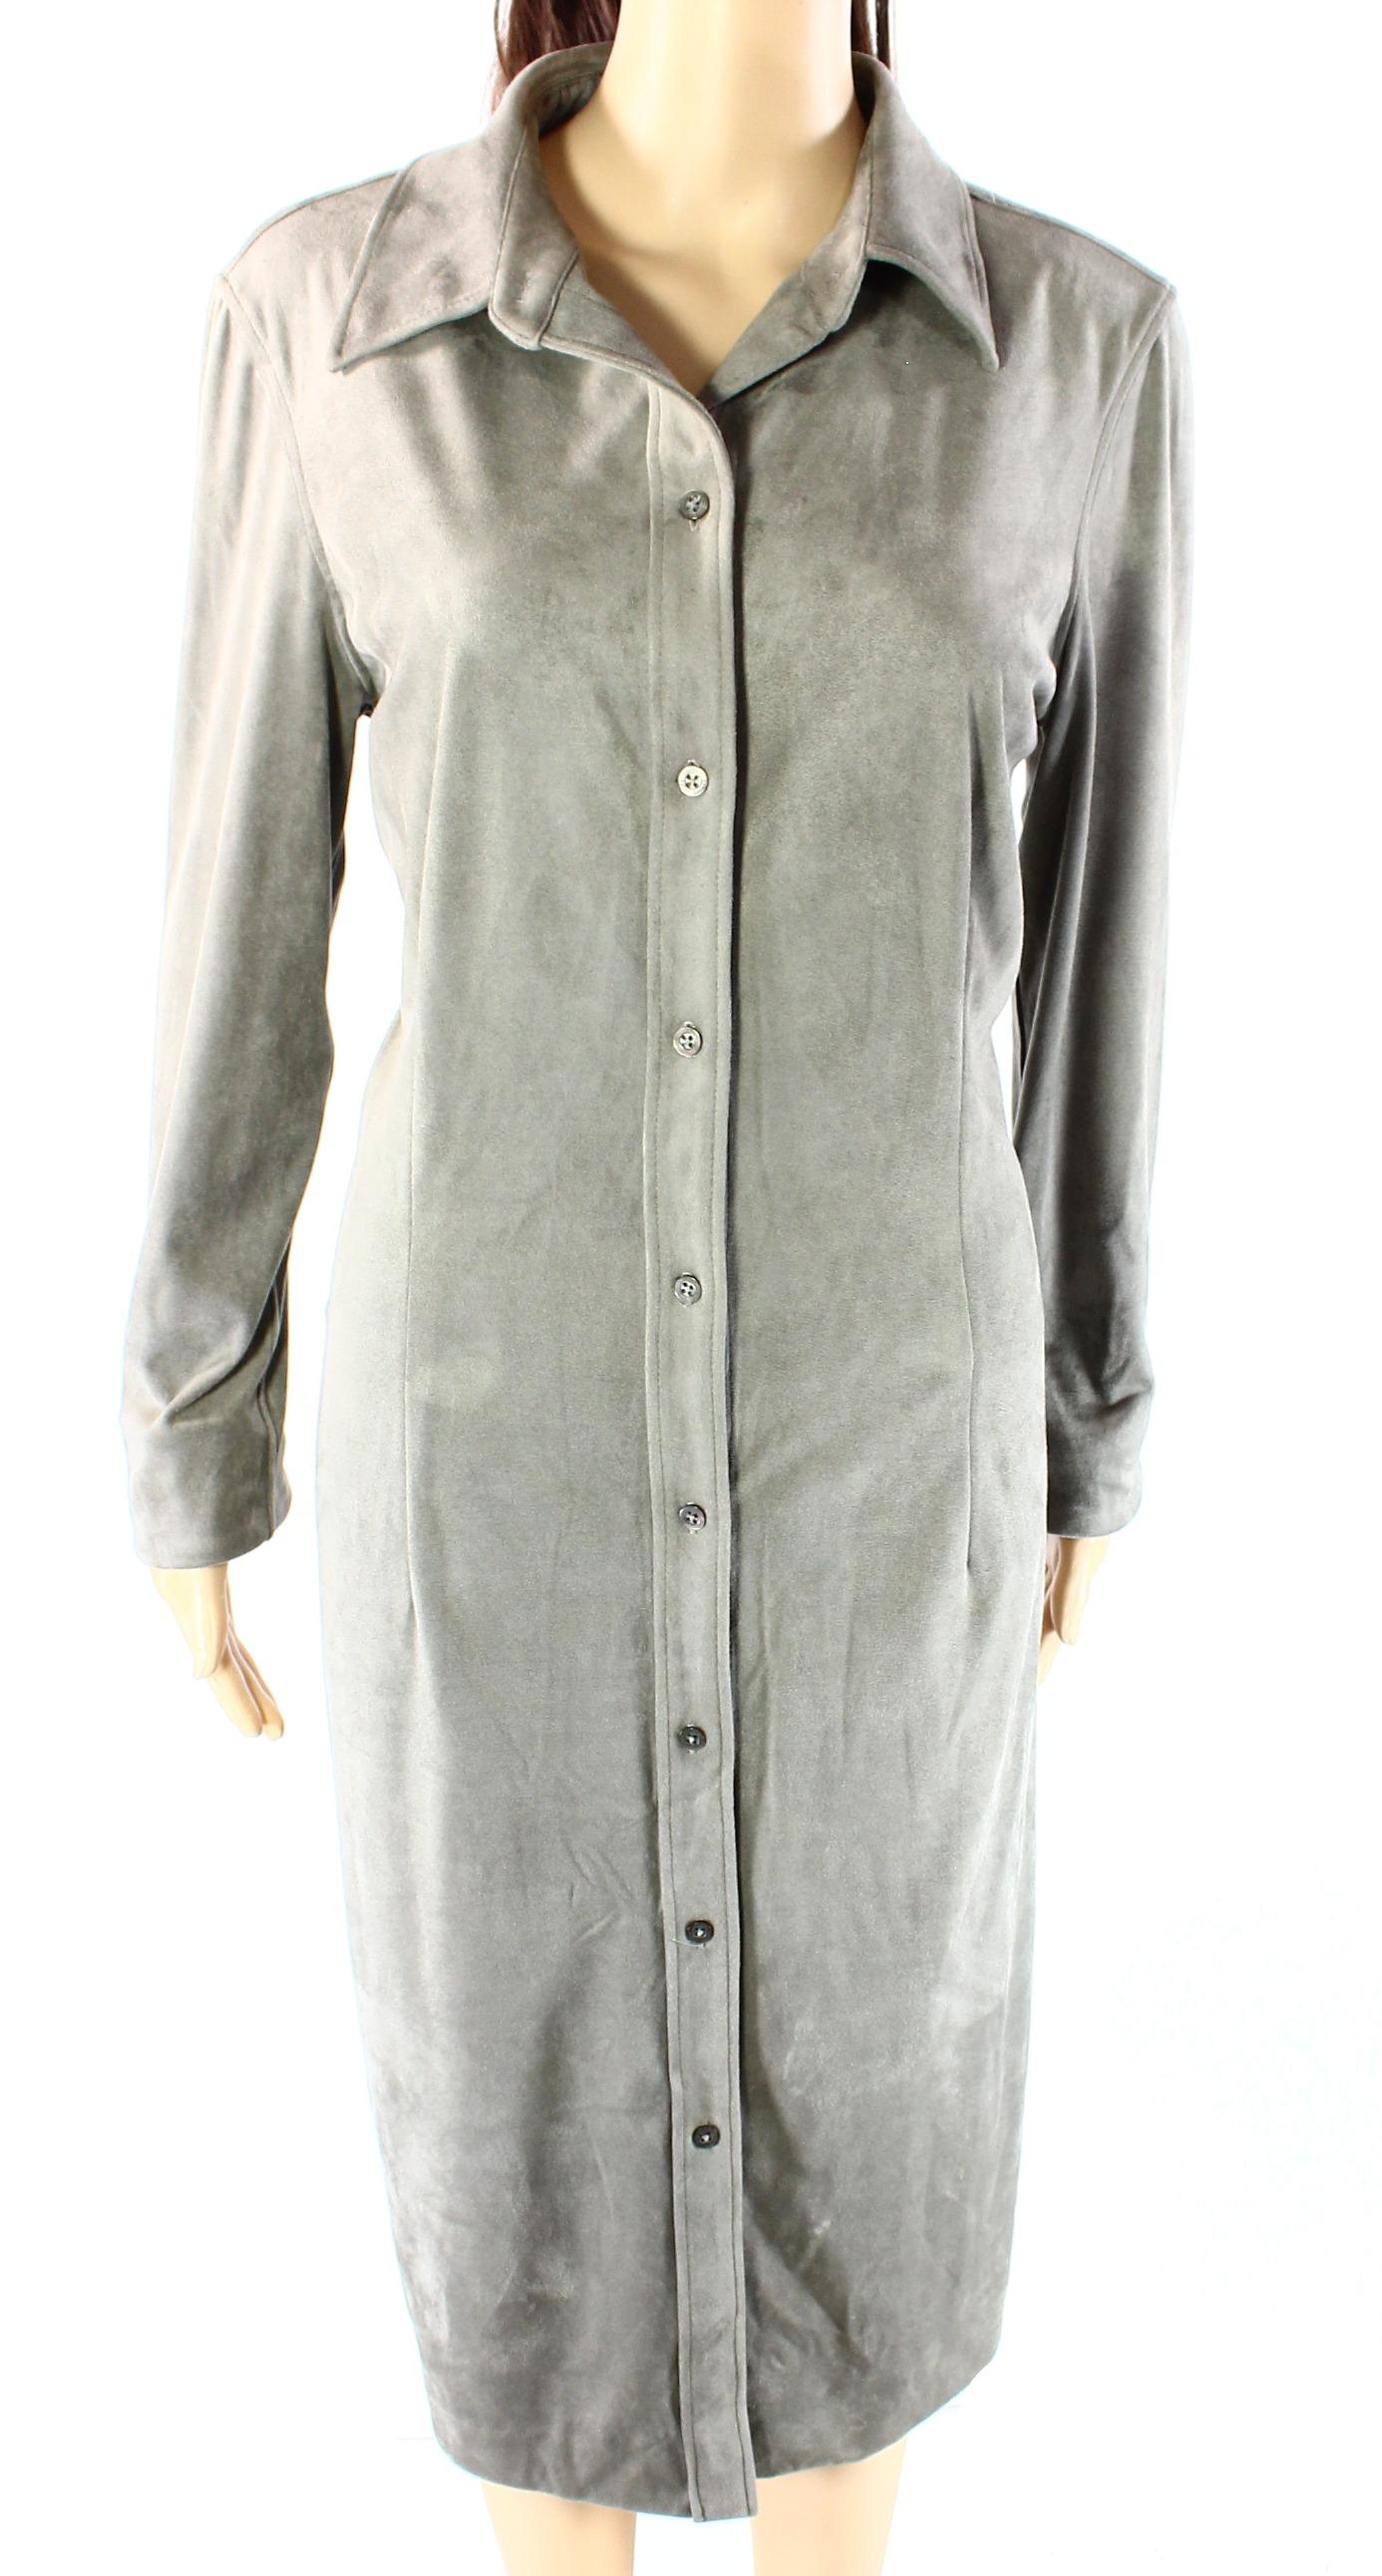 Lauren Ralph Lauren NEW Gray Womens Size 14 Button-Down Shirt Dress